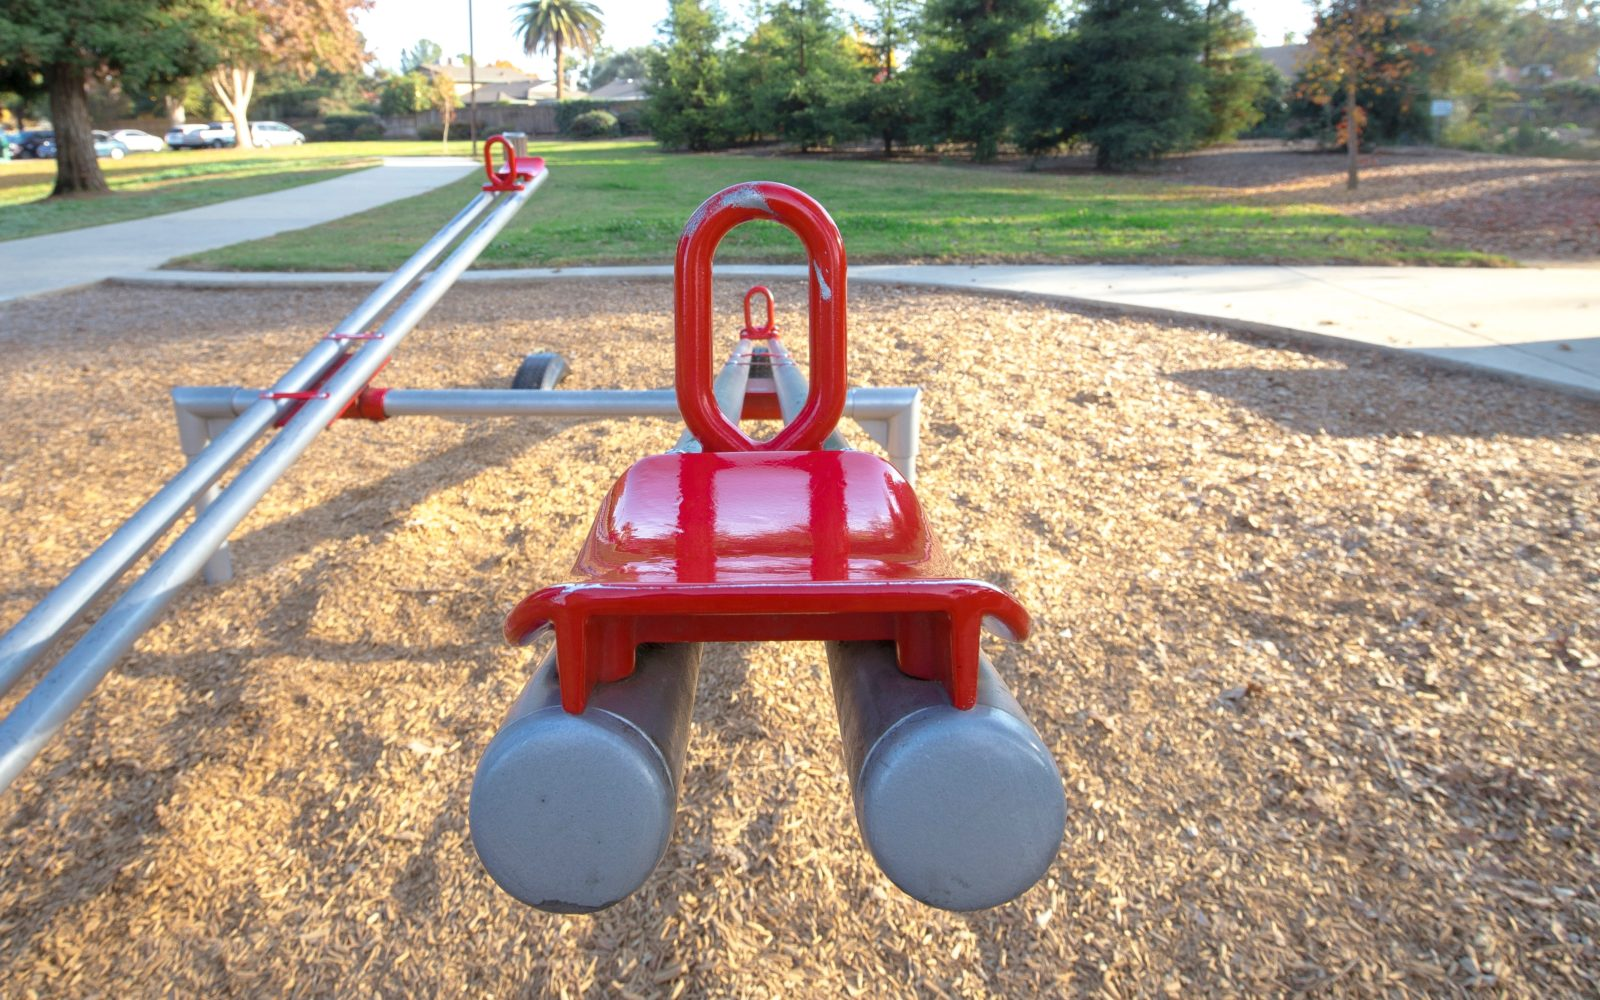 Fachveranstaltung: KINDER.SPIEL.PLATZ -Wieviel Spielplatz braucht das Kind?